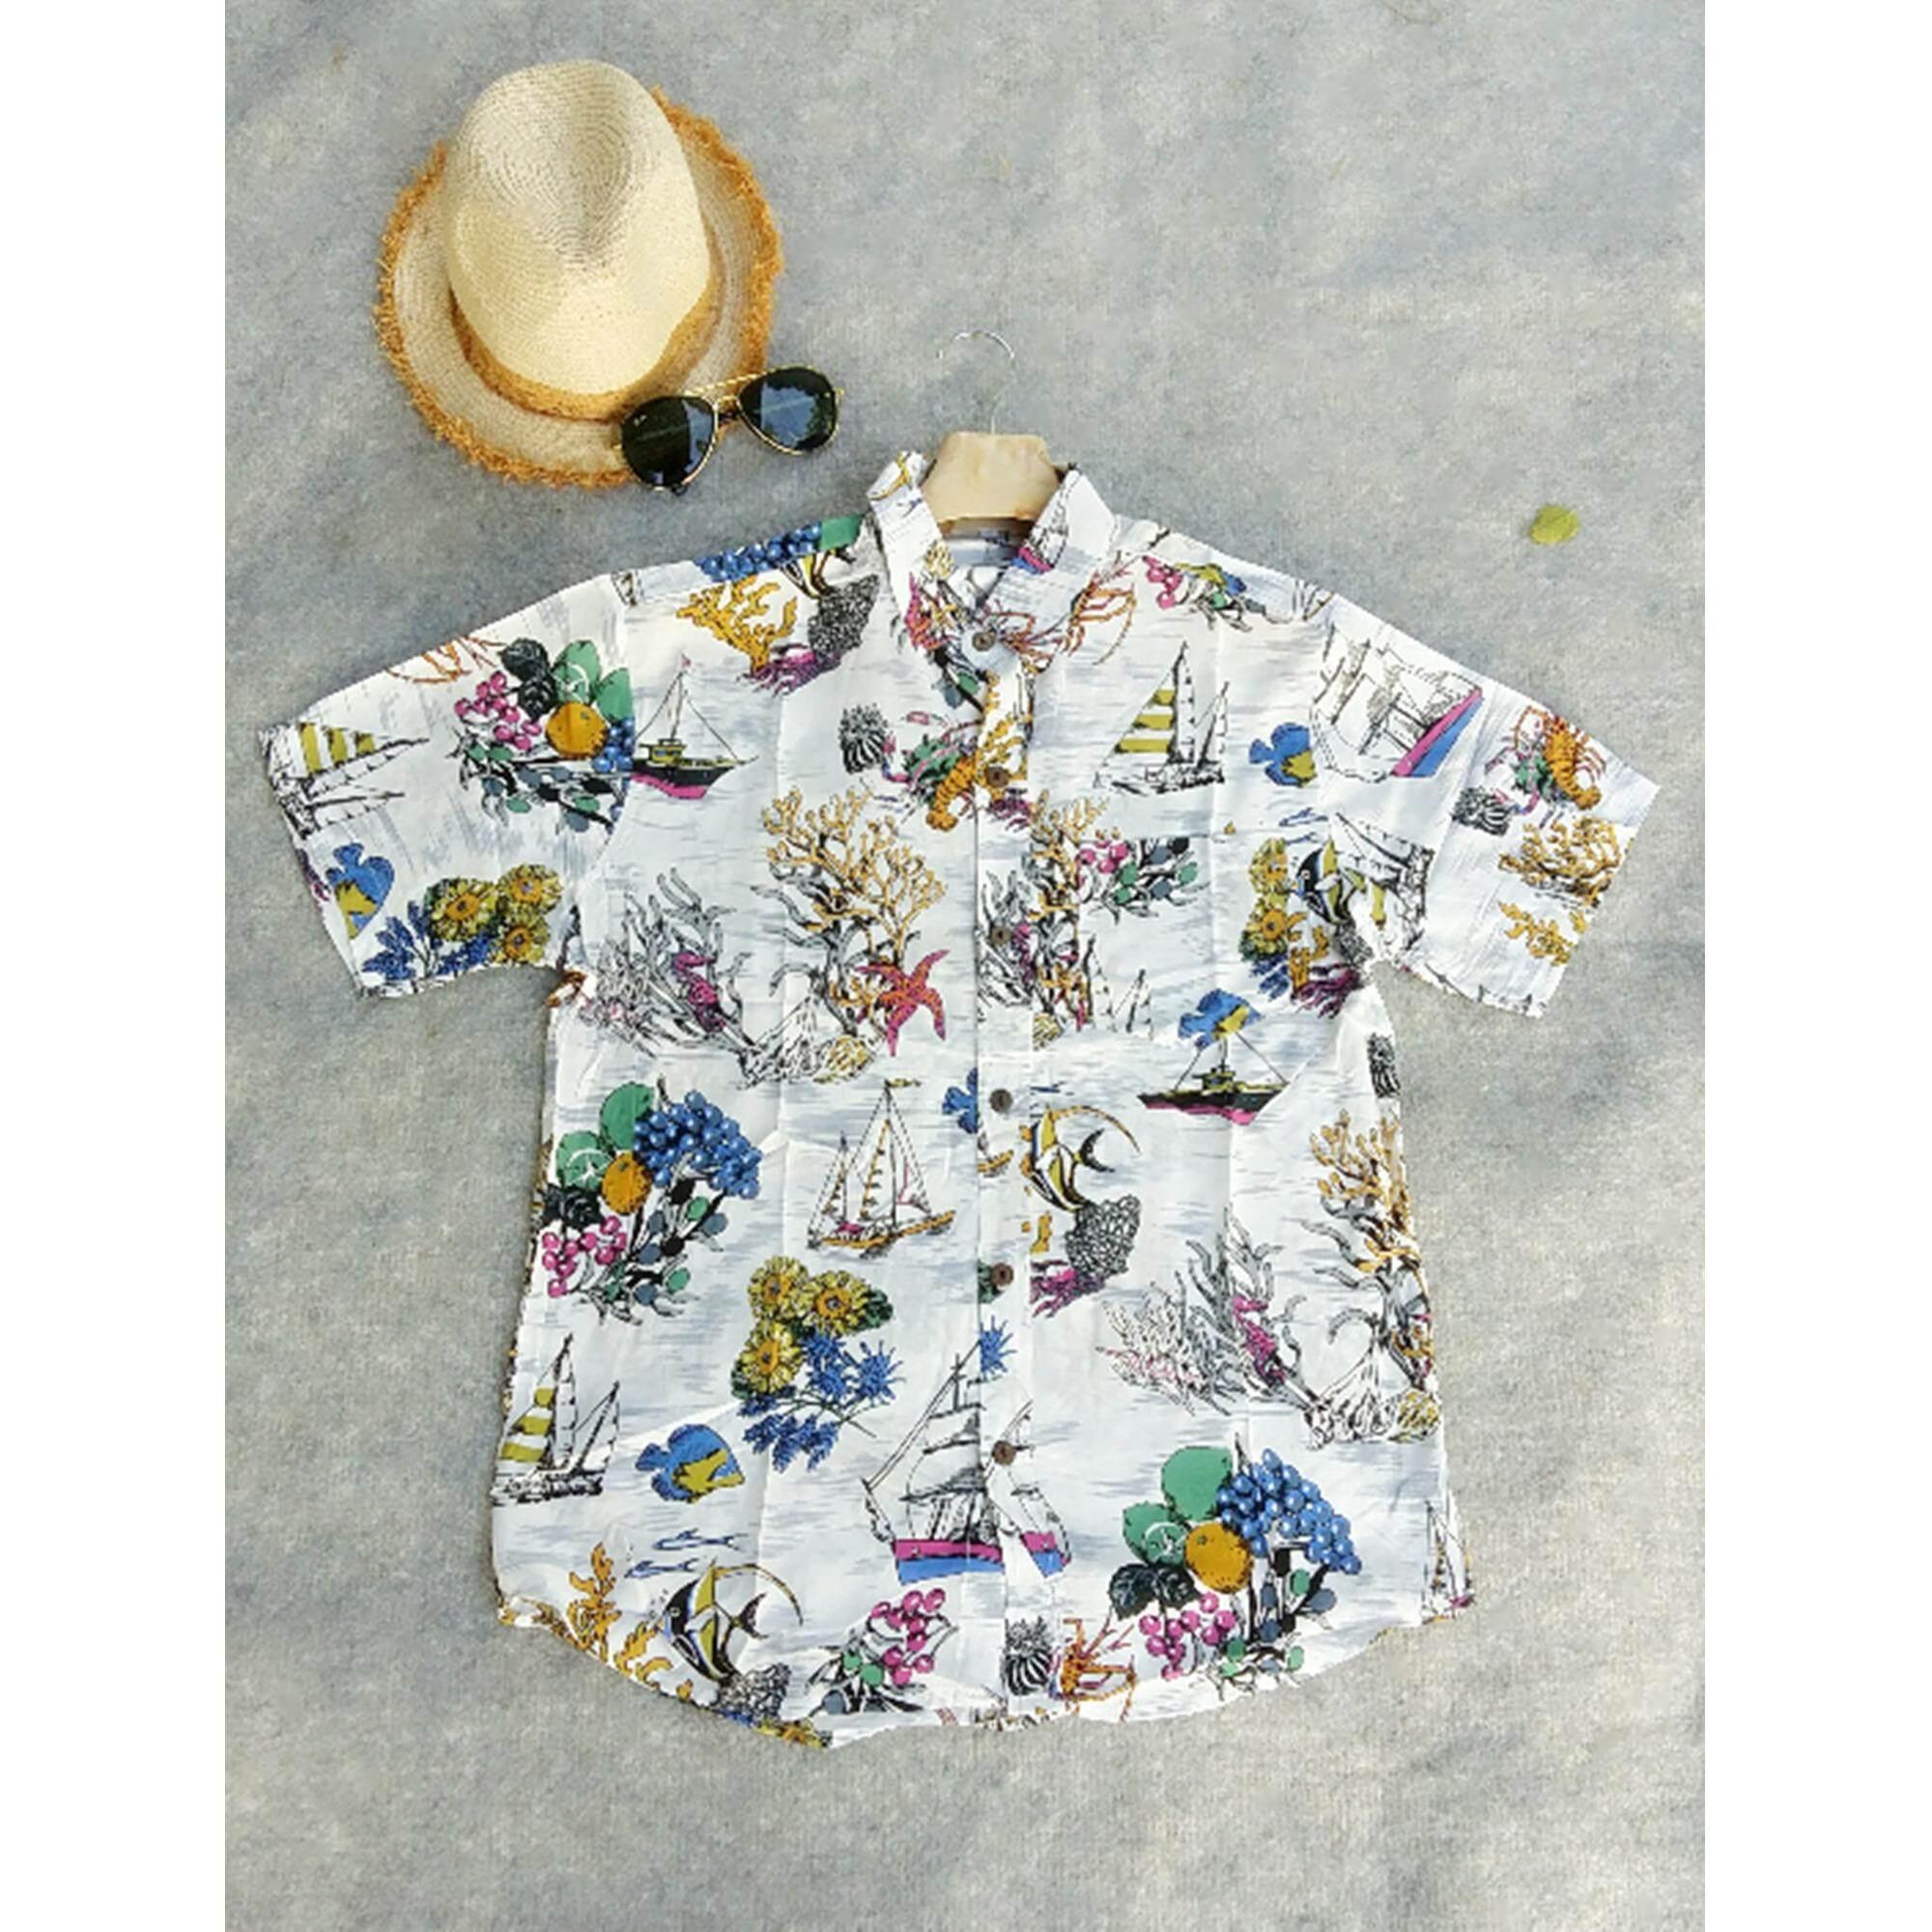 ซื้อ Mama Shop เสื้อเซิ้ตฮาวาย พิมพ์ลายประการัง พื้นสีขาว คอปก ไซส์ L ผ้านิ่มใส่สบาย รุ่น Mb 080 ถูก ใน Thailand